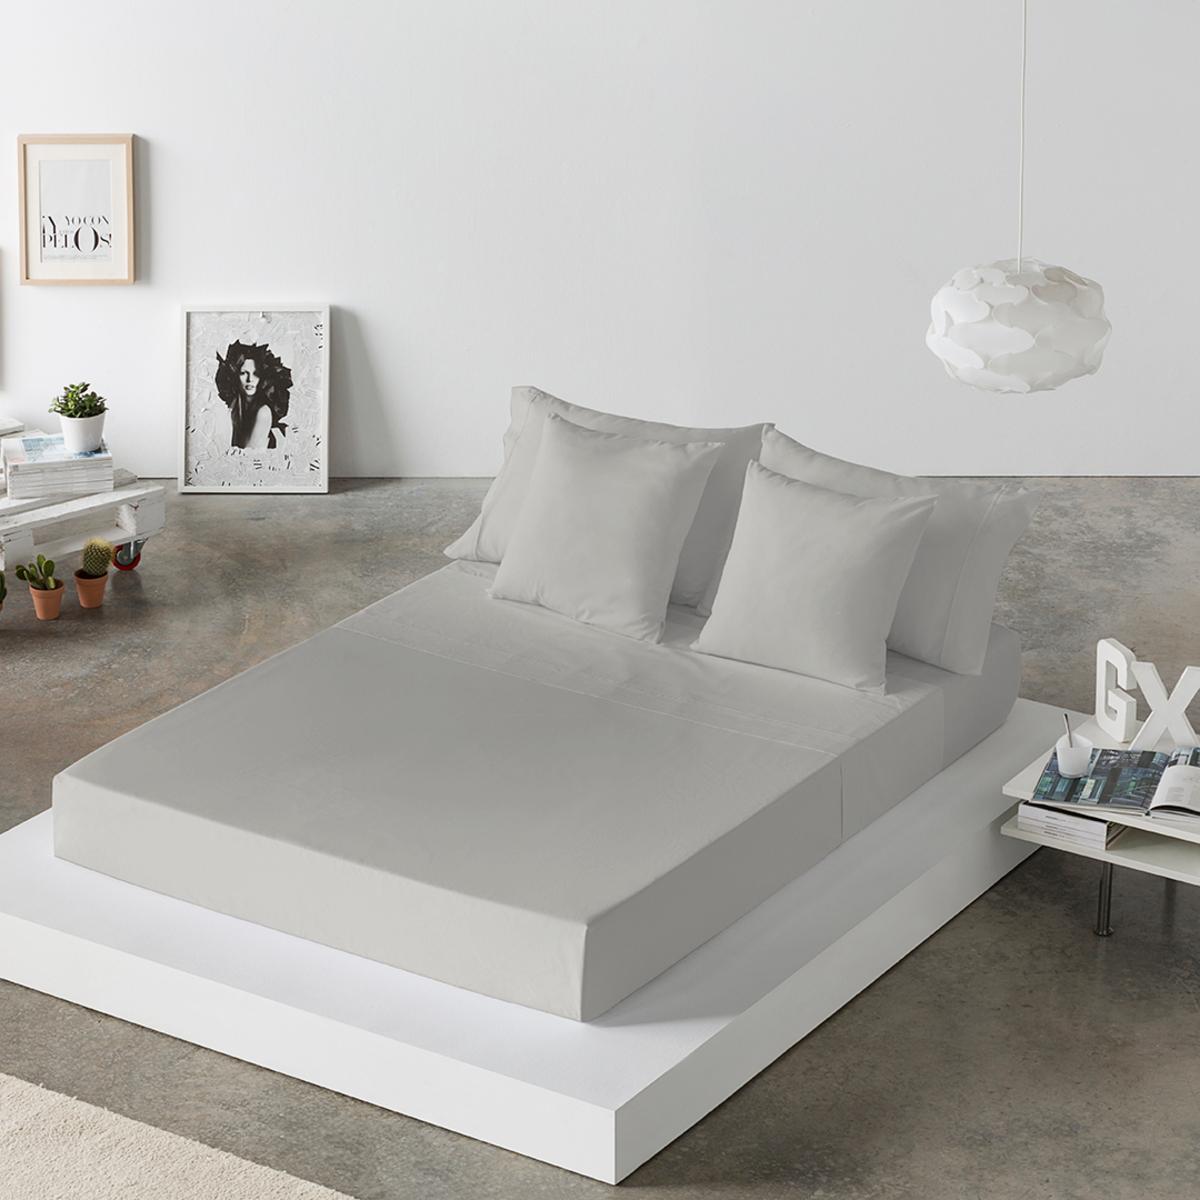 Drap de lit en coton gris 250x280